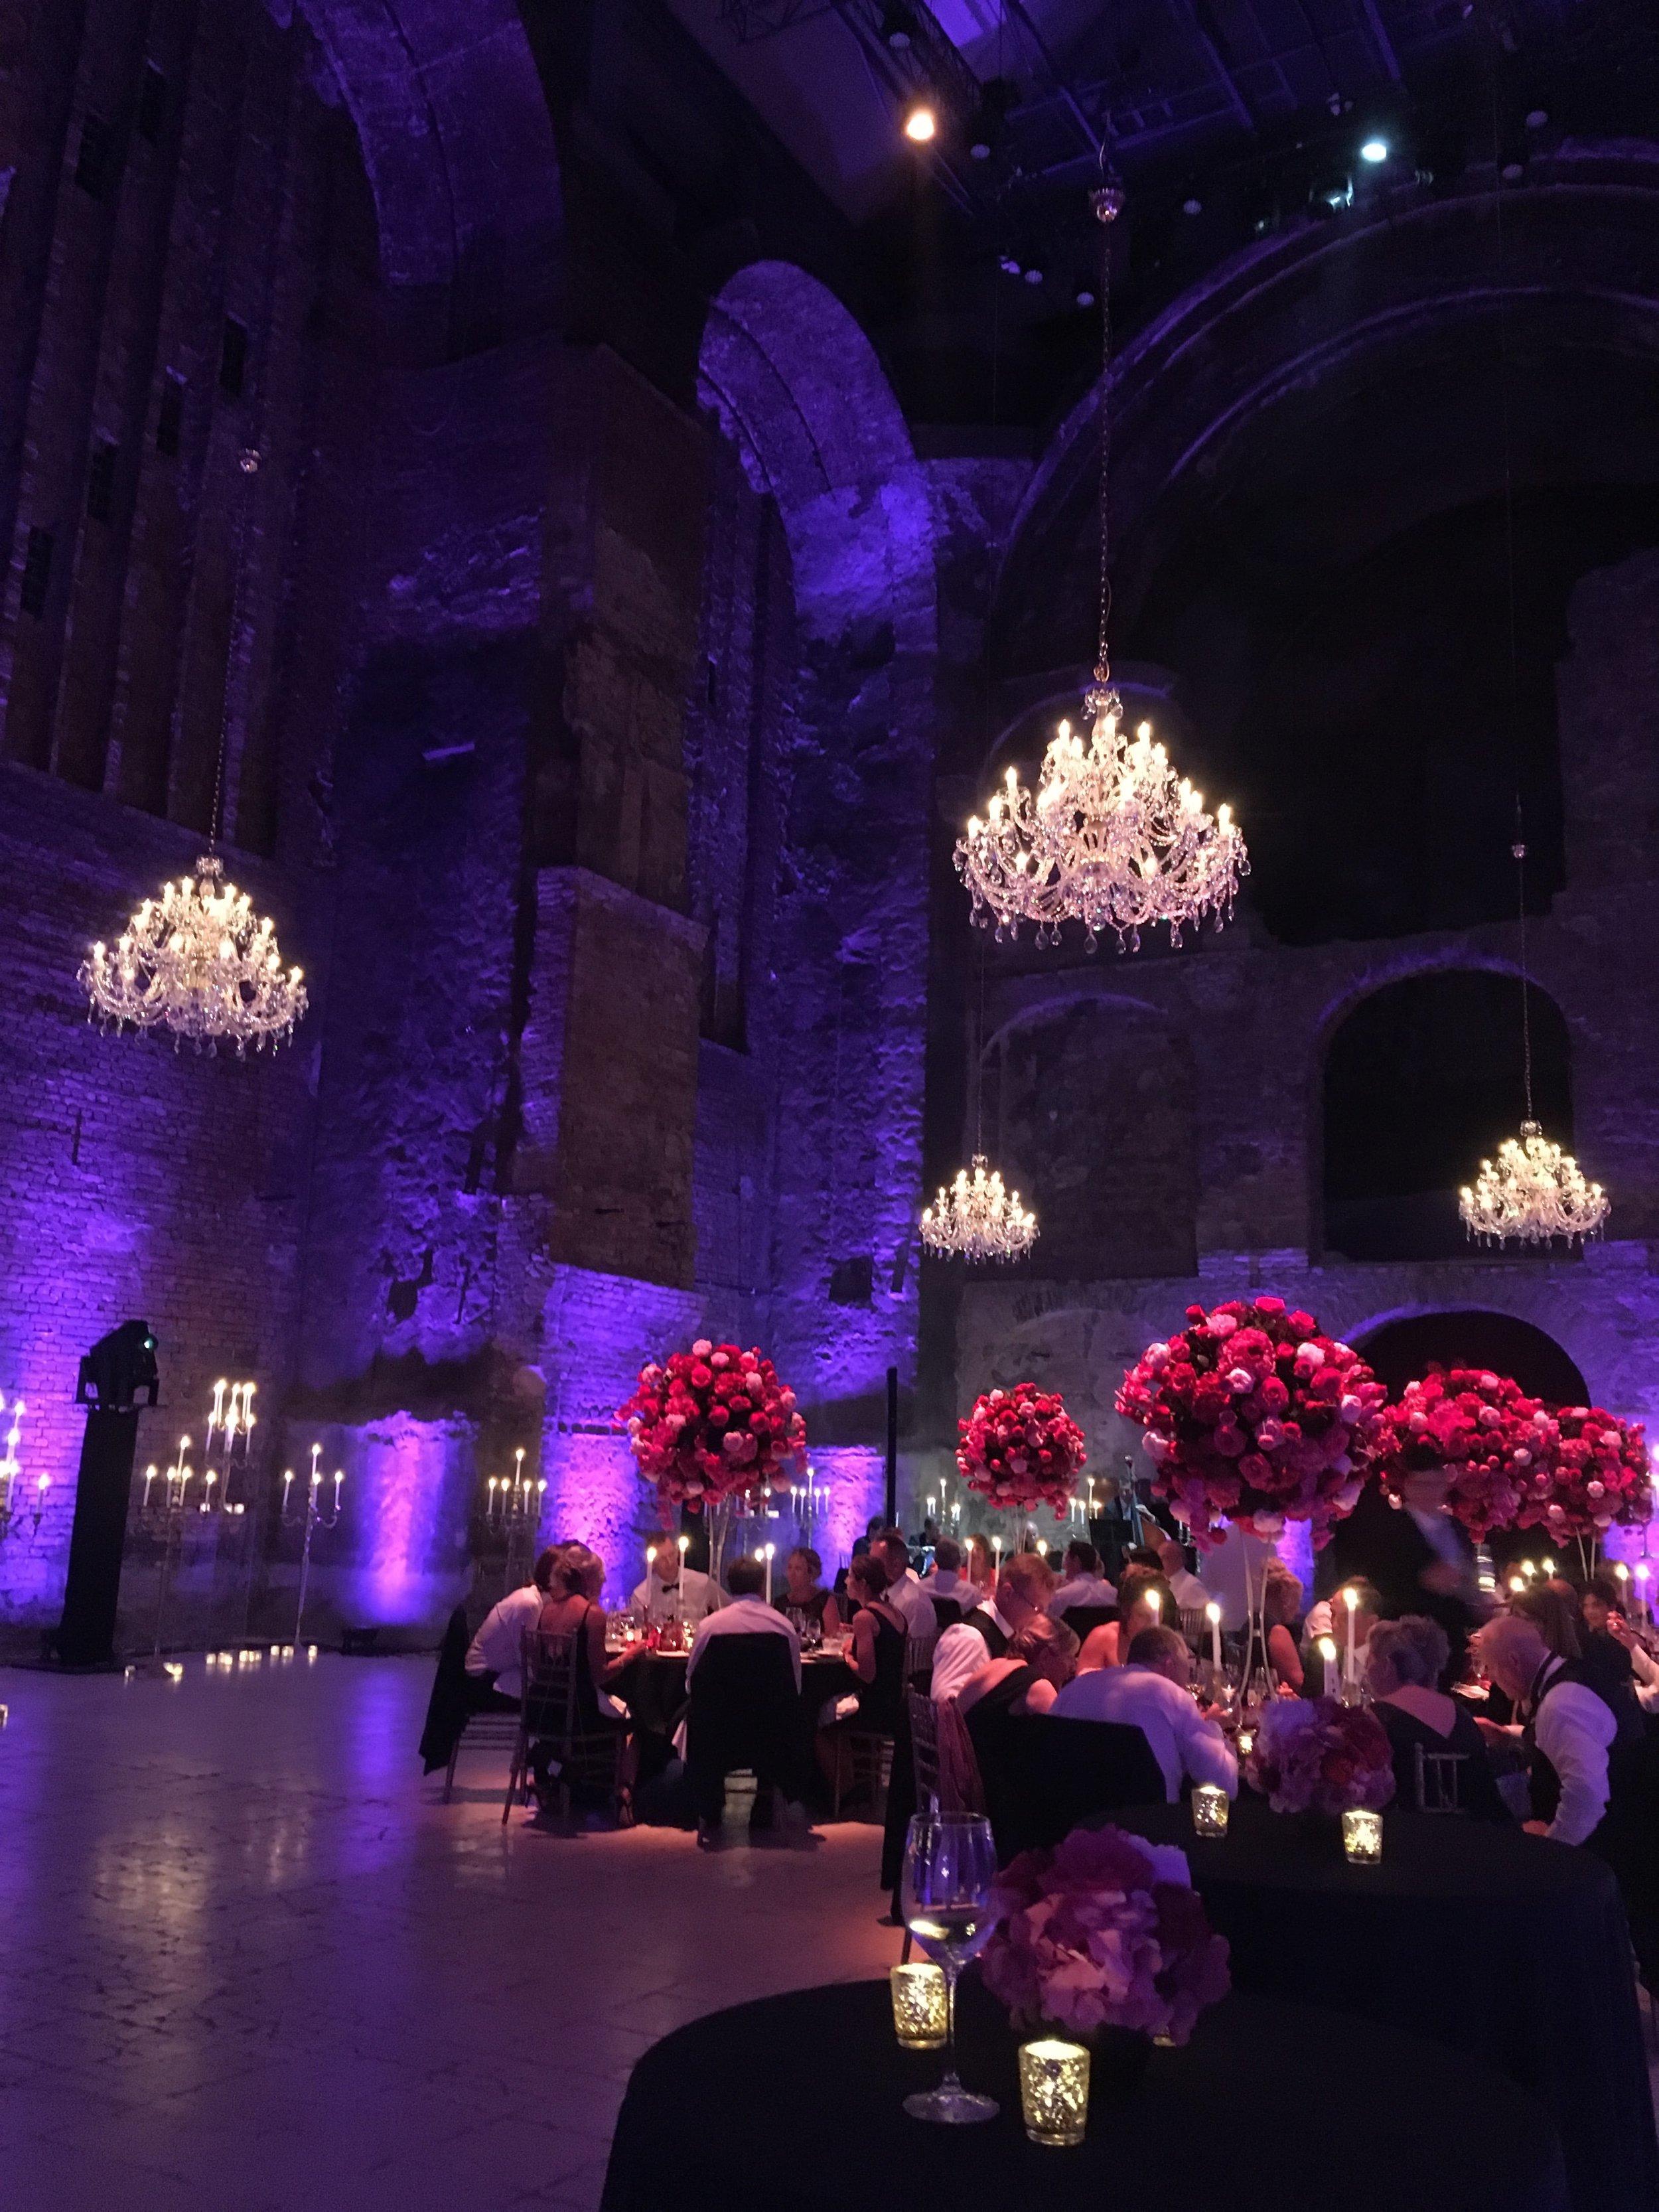 Wranovsky-chandeliers-Budapest-5.JPG